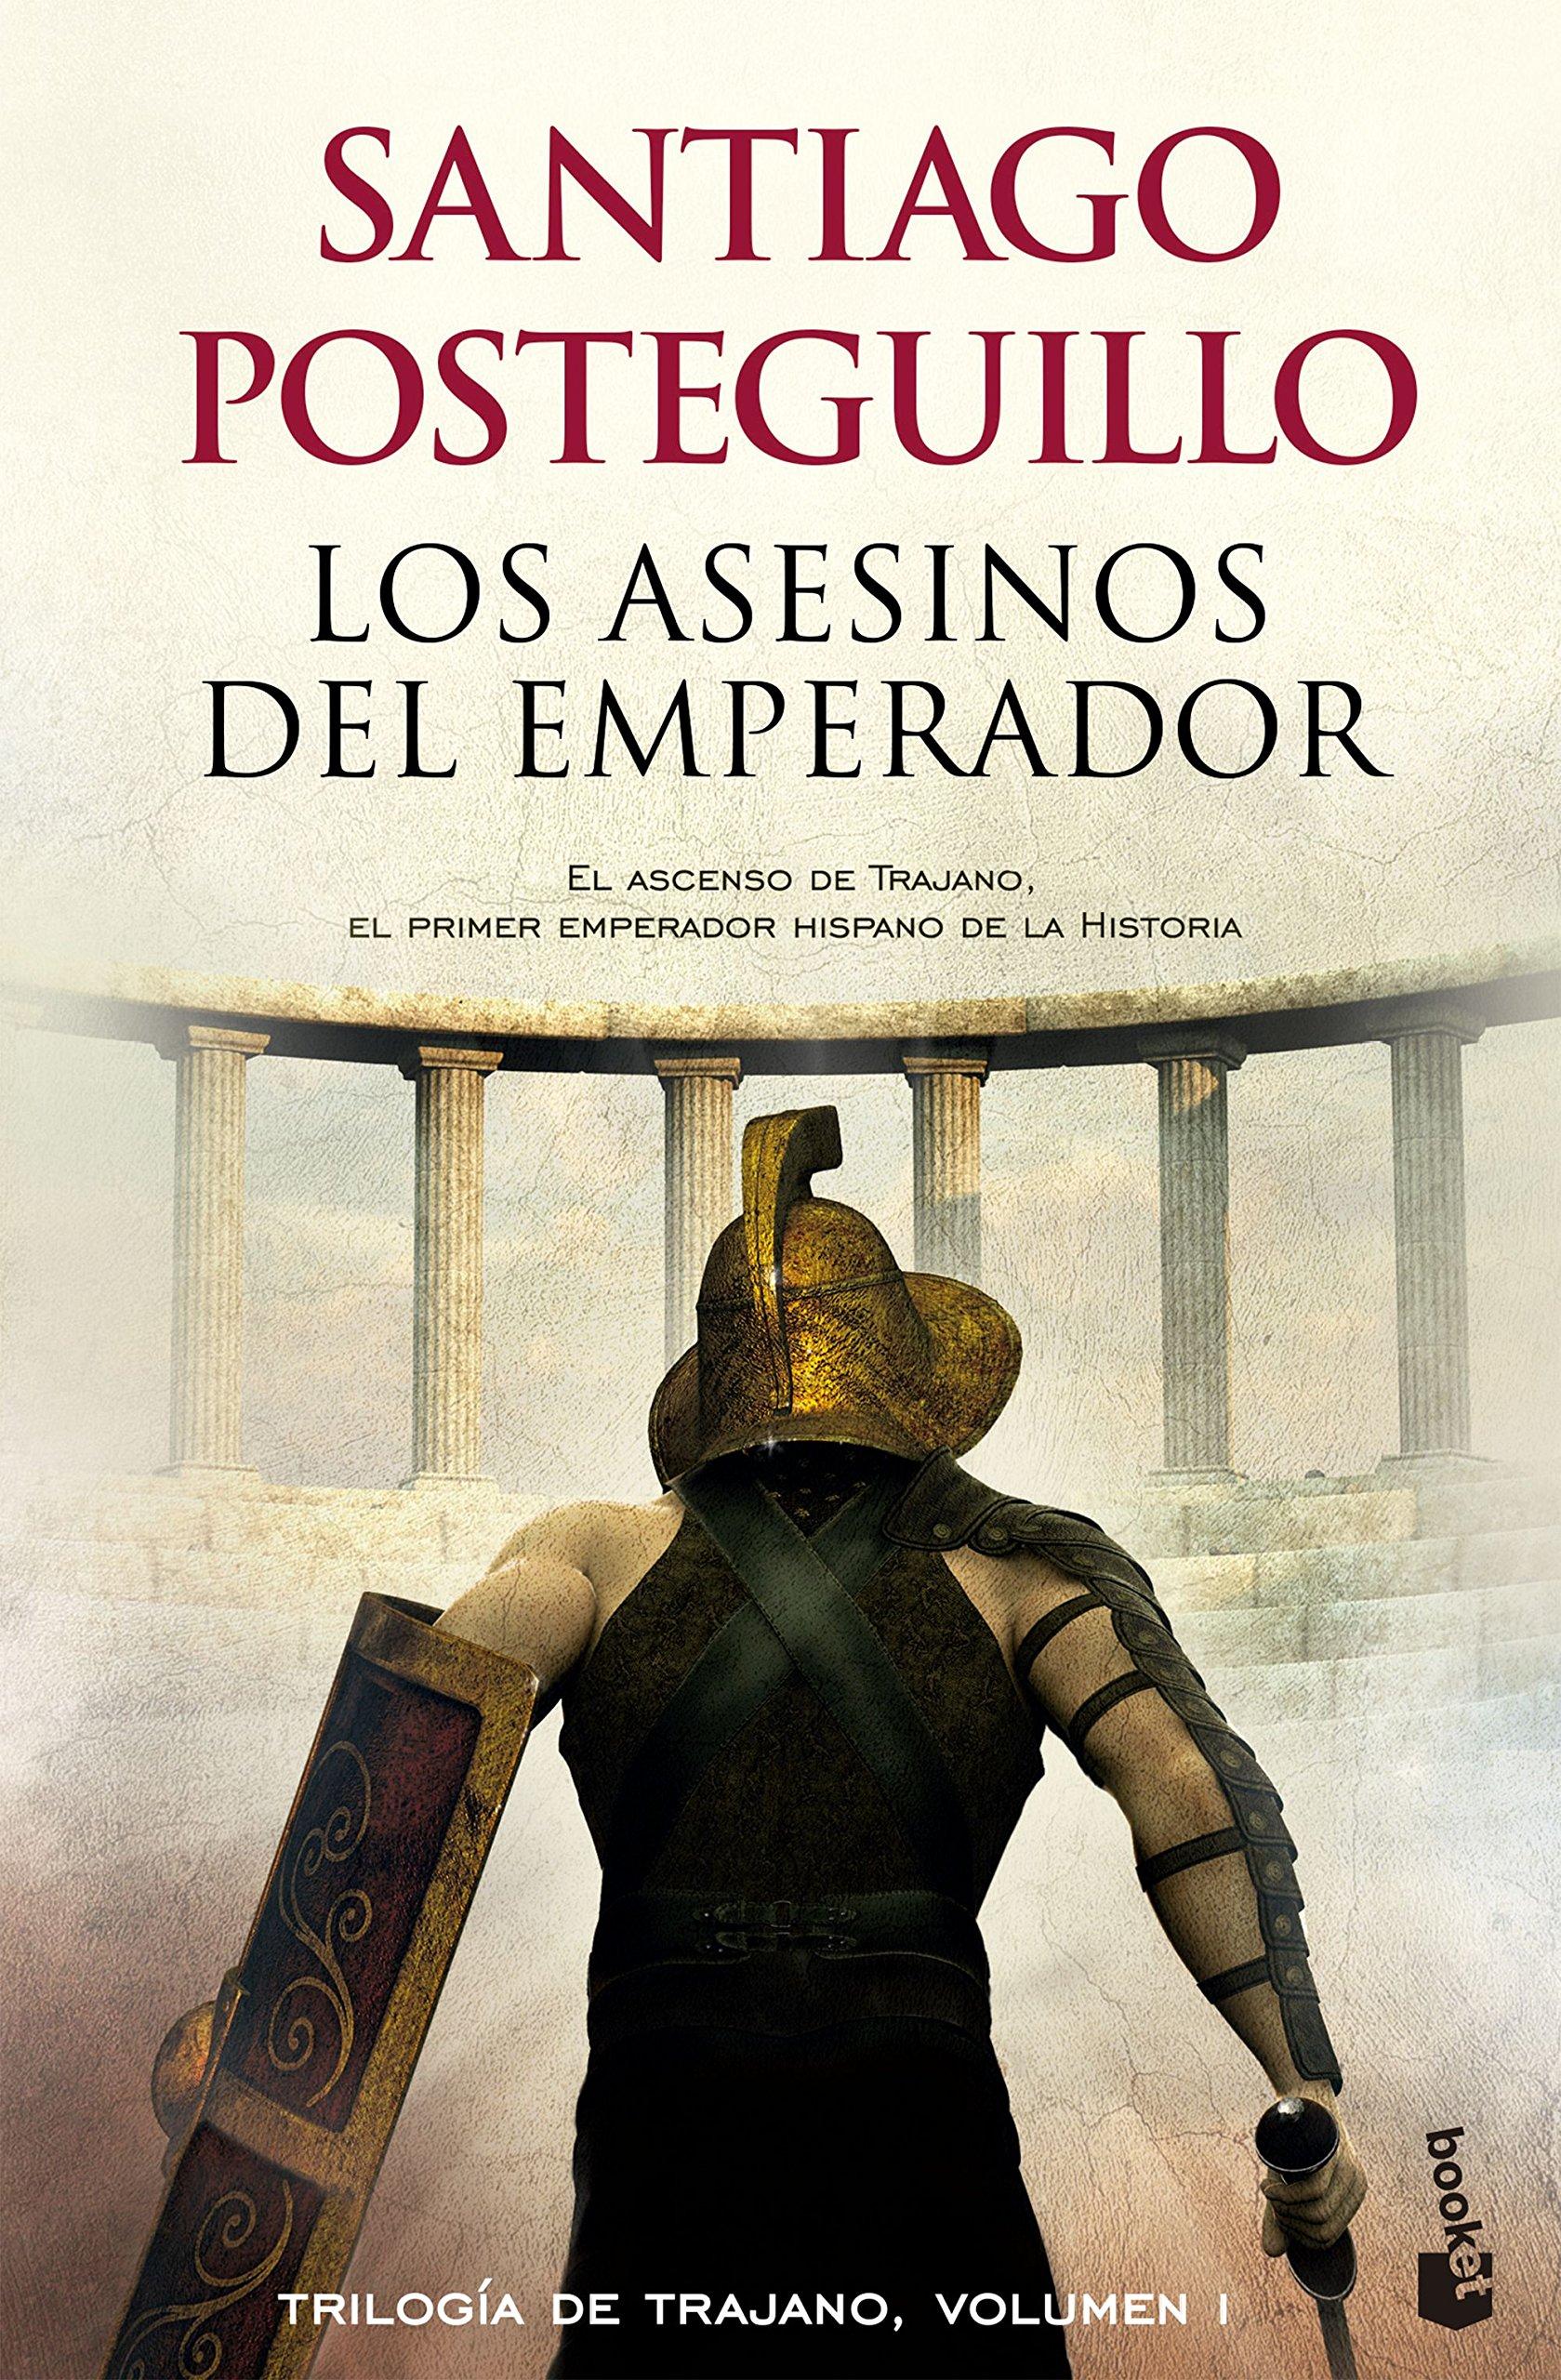 mejores libros de Santiago Posteguillo - Los Asesinos del Emperador